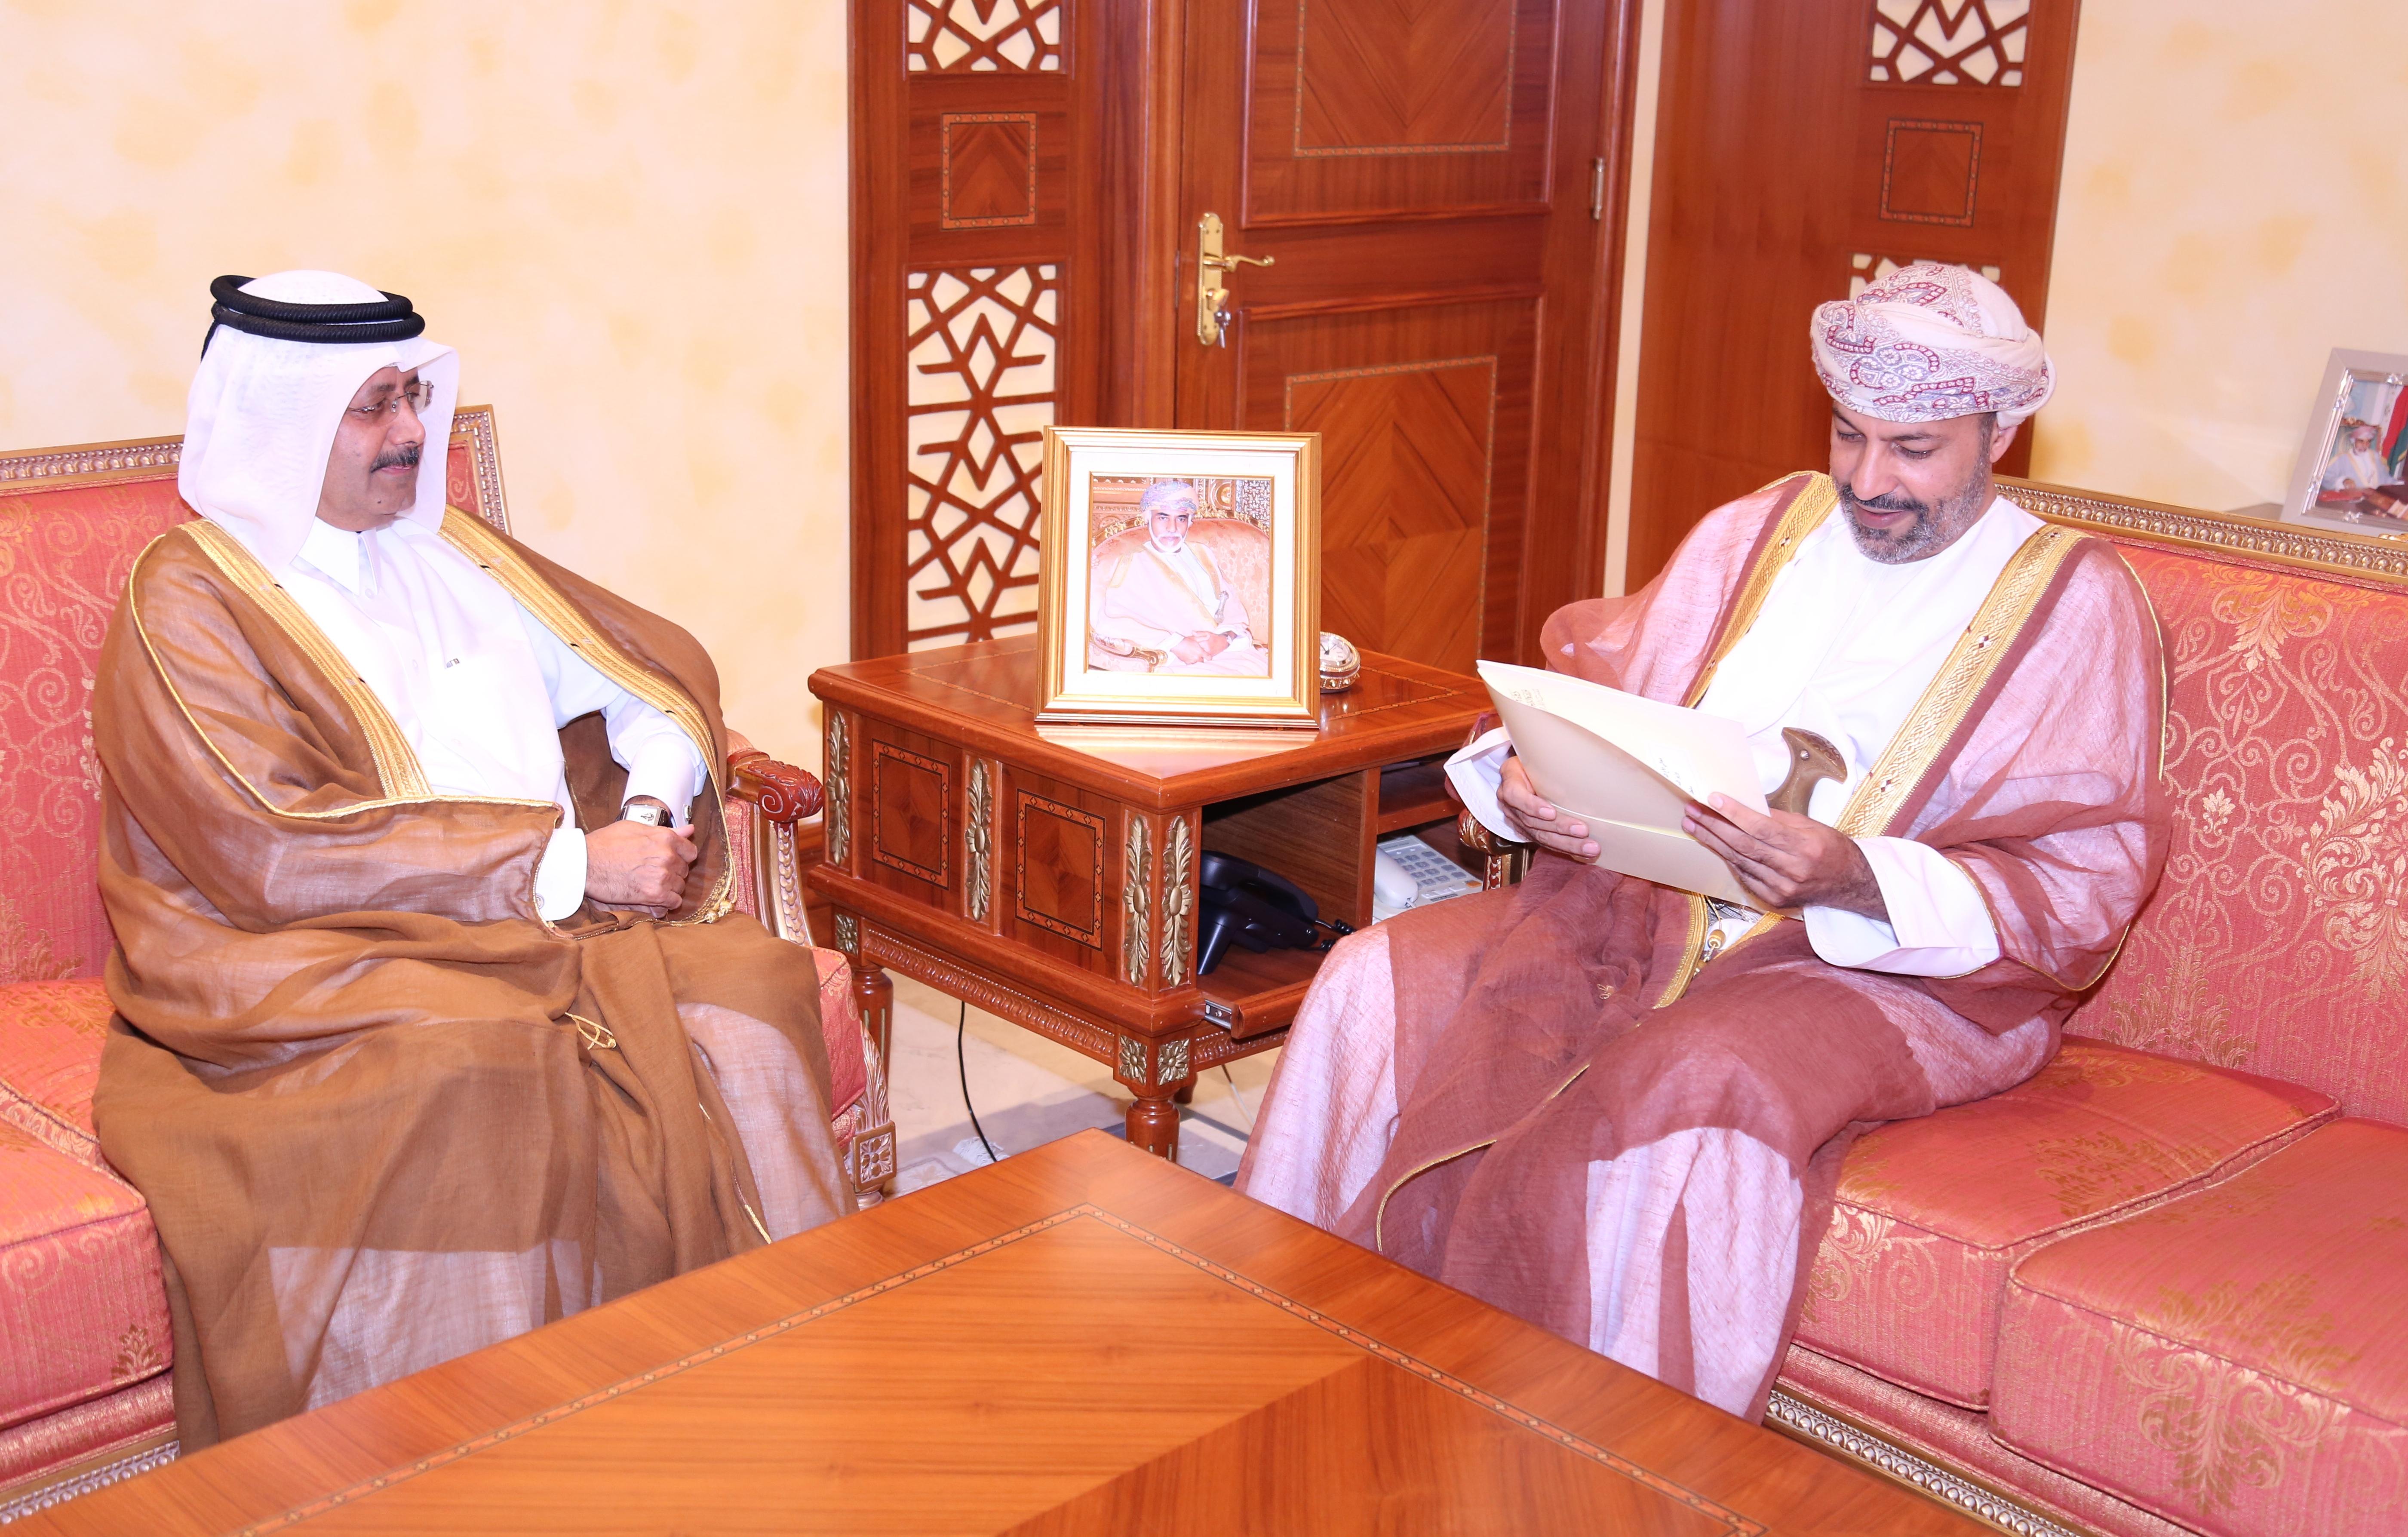 وزير الداخلية يتسلم رسالة خطية من رئيس مجلس الوزراء ووزير الداخلية القطري